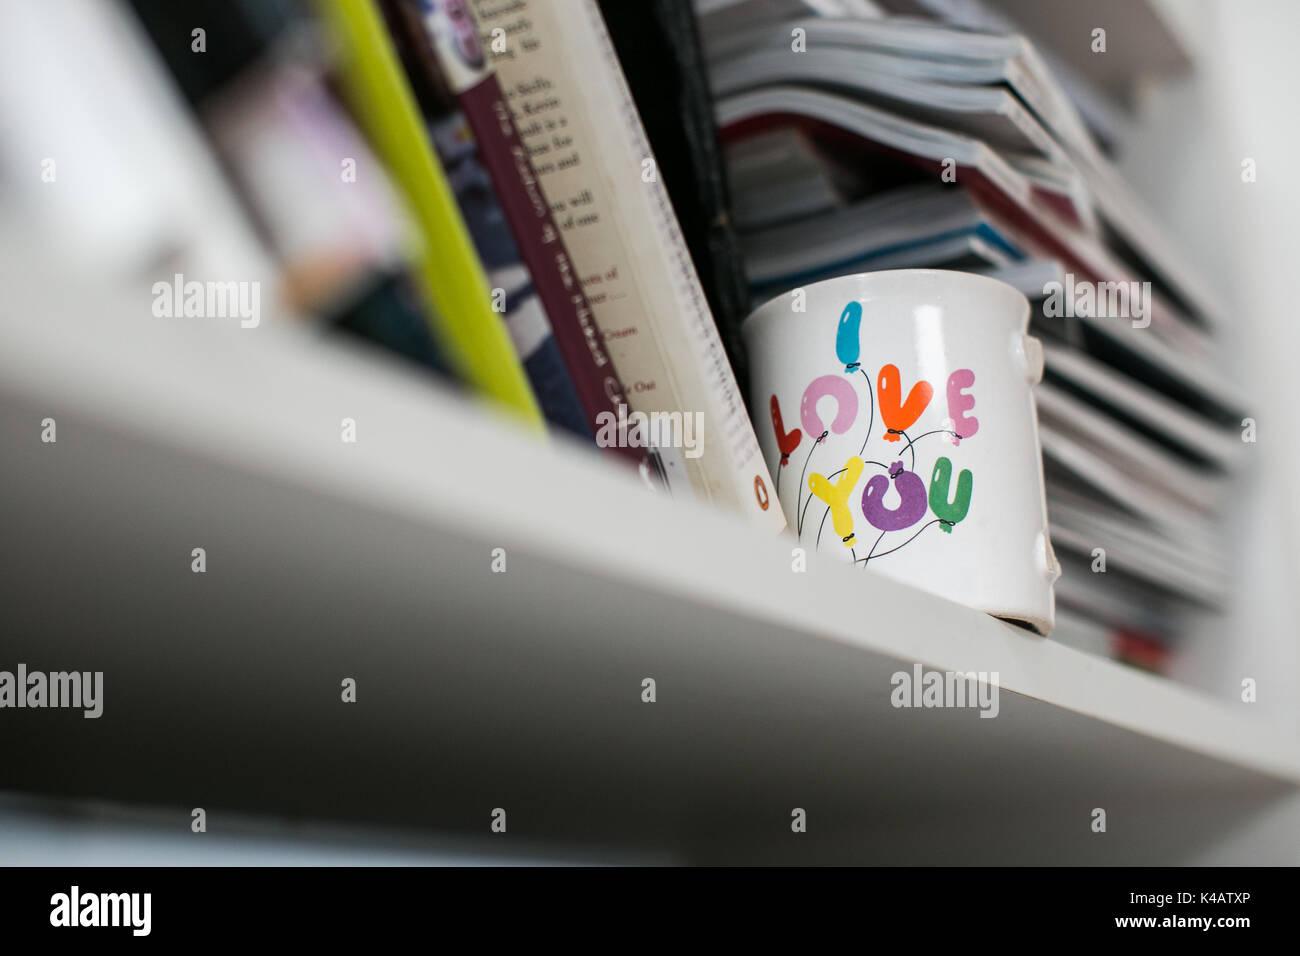 Una taza con un asa rota y mensaje sentimental en un estante en una casa de familia Foto de stock